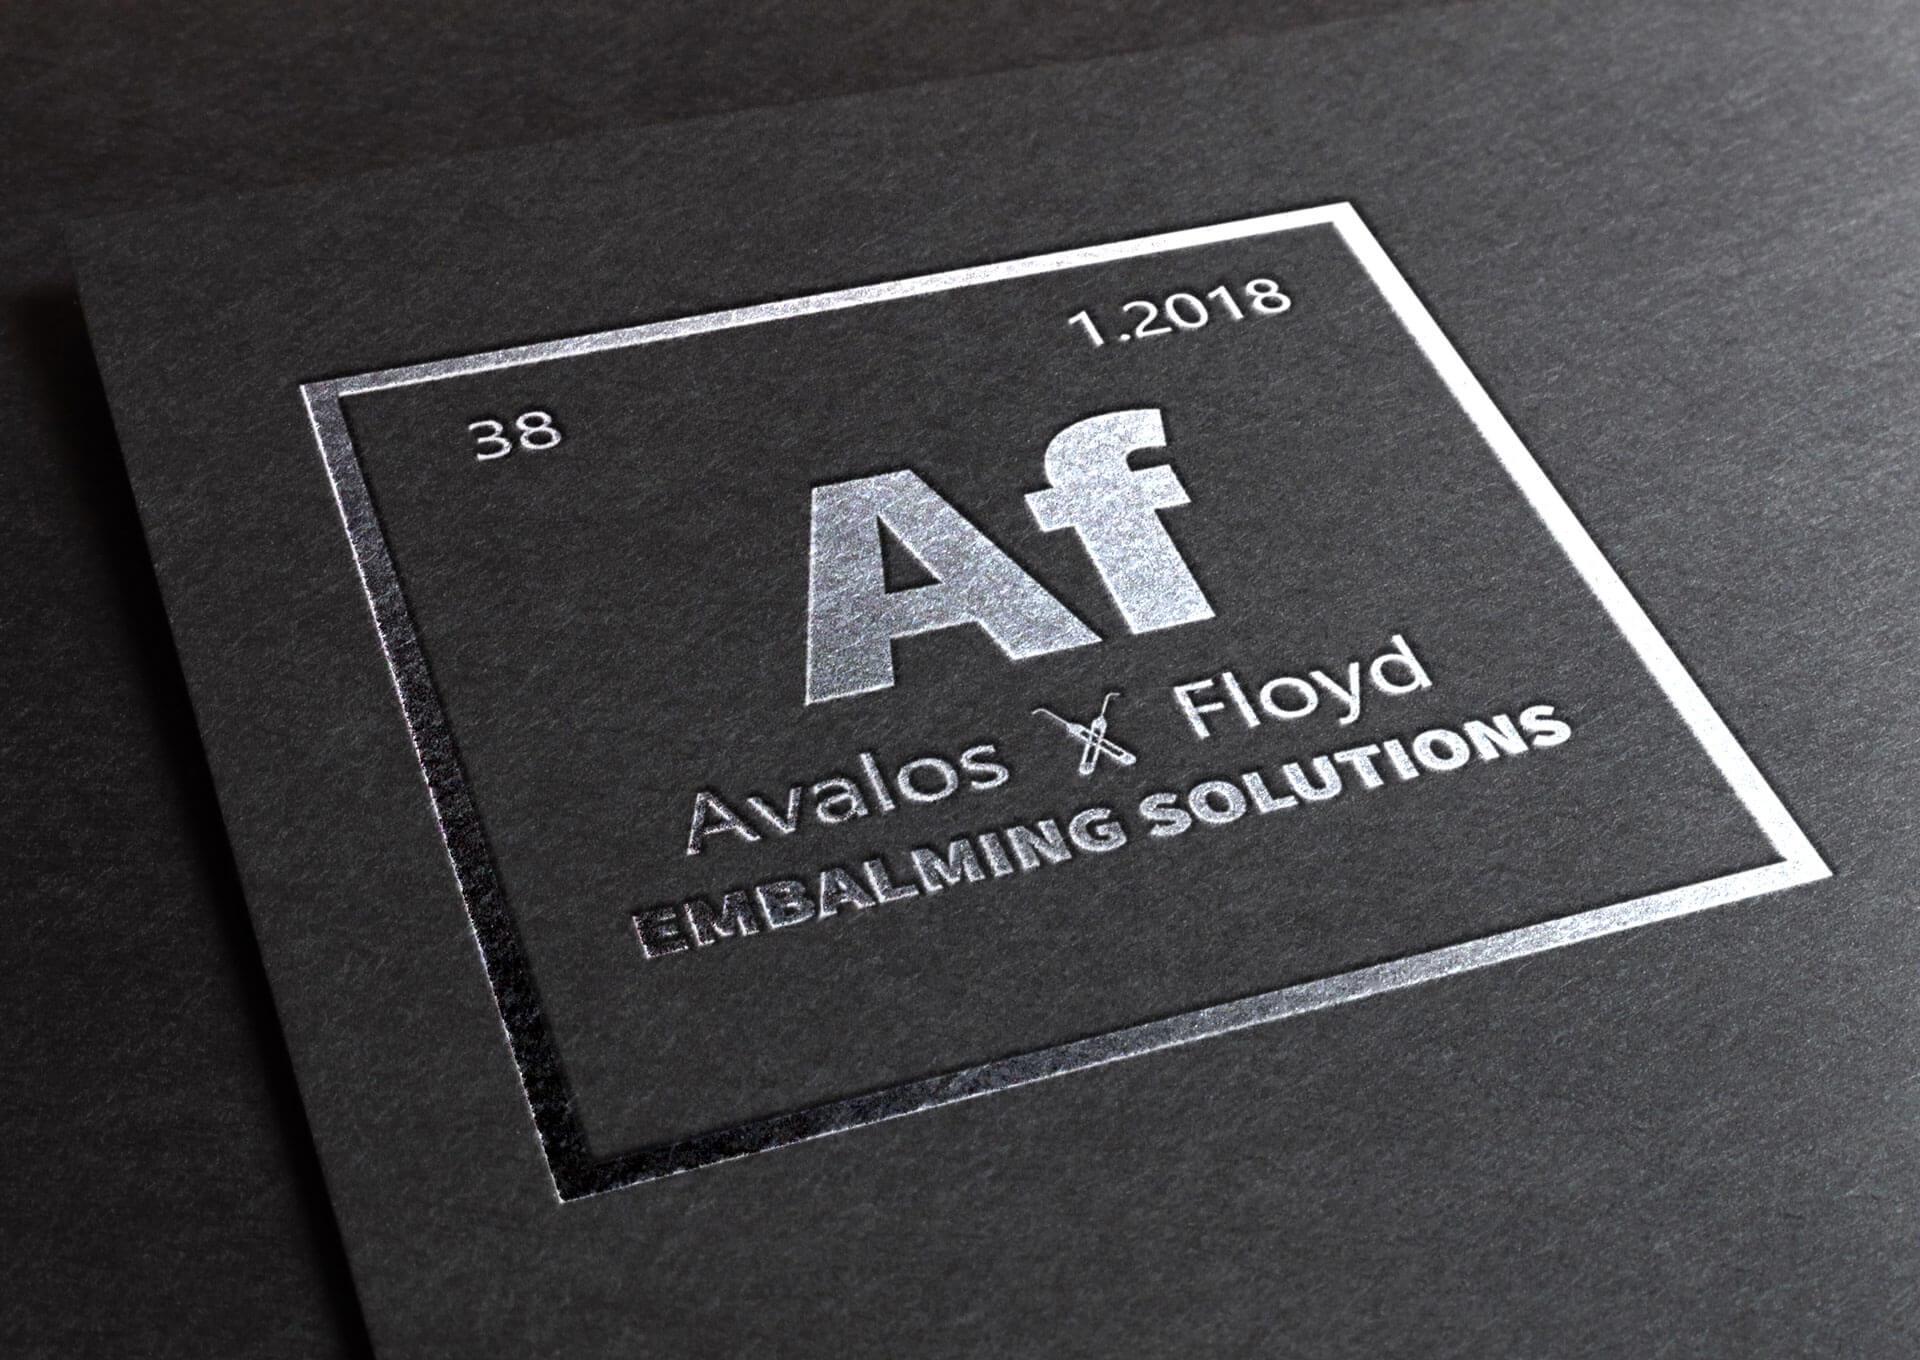 Avalos & Floyd Logo Design